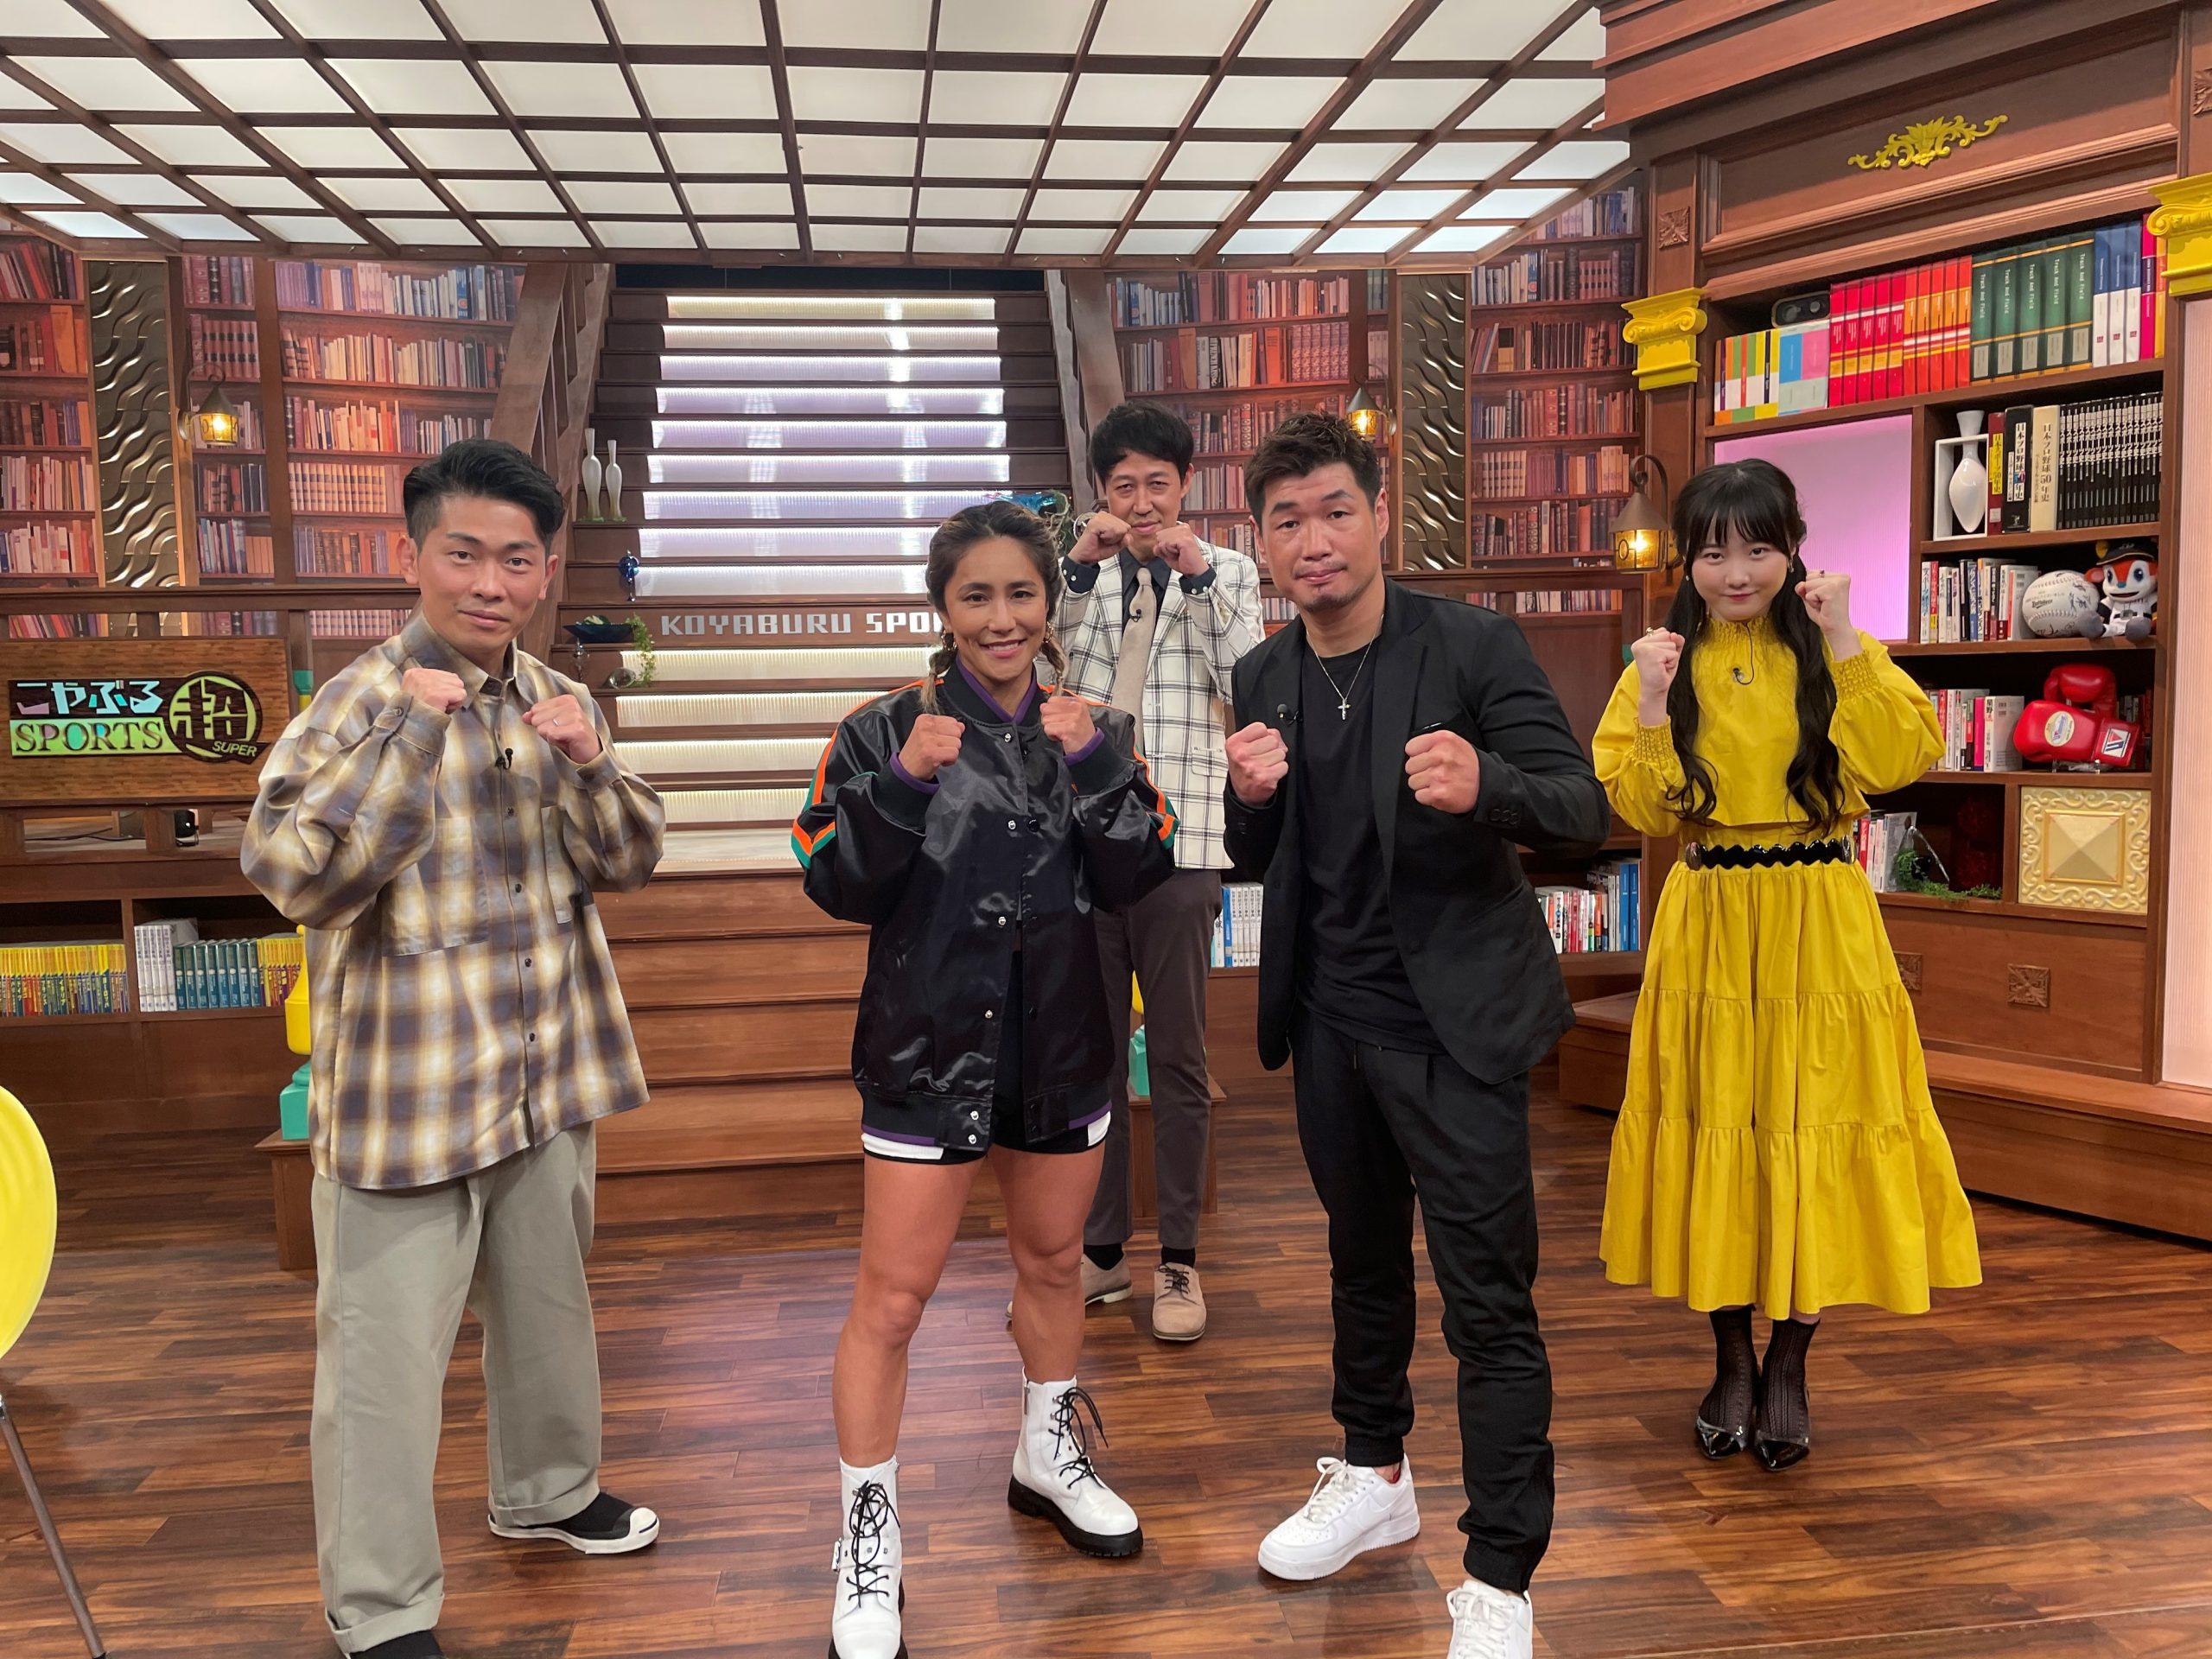 関西テレビ「こやぶるSPORTS超」に出演します